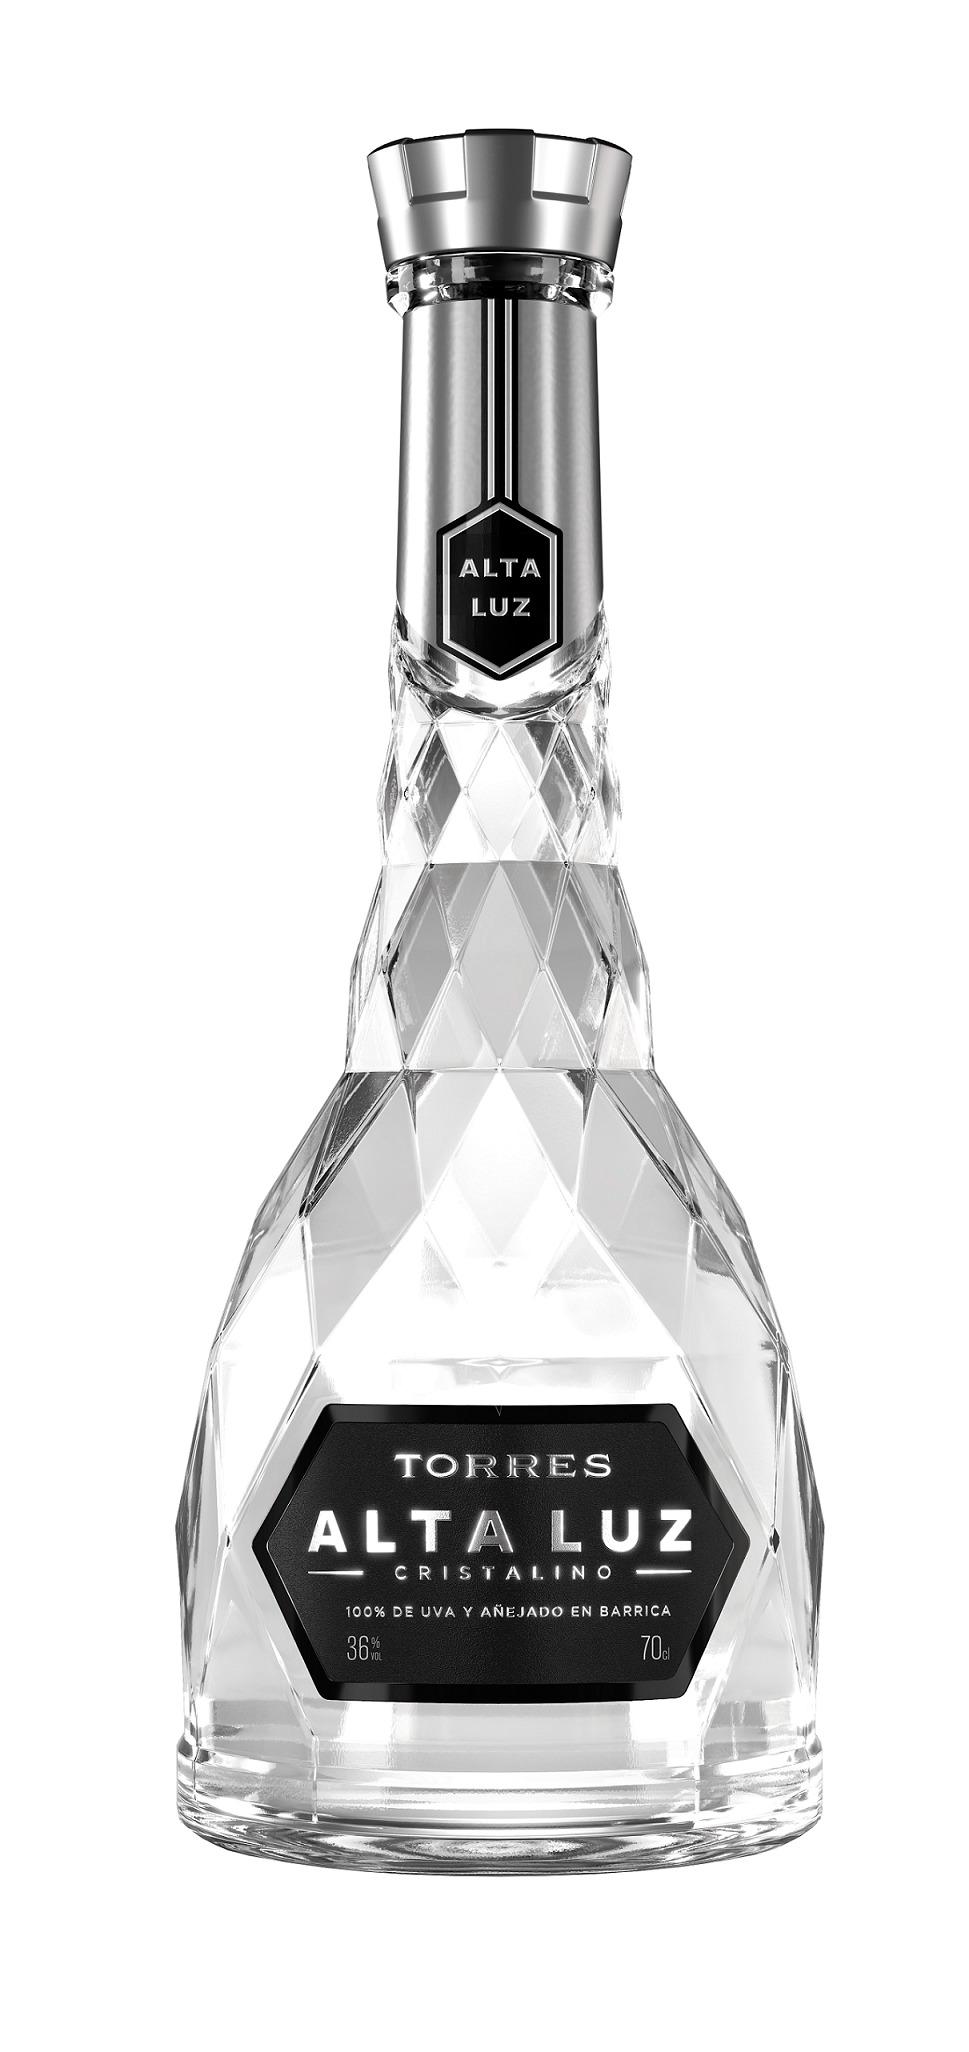 Alta Luz, la última innovación de Torres Brandy